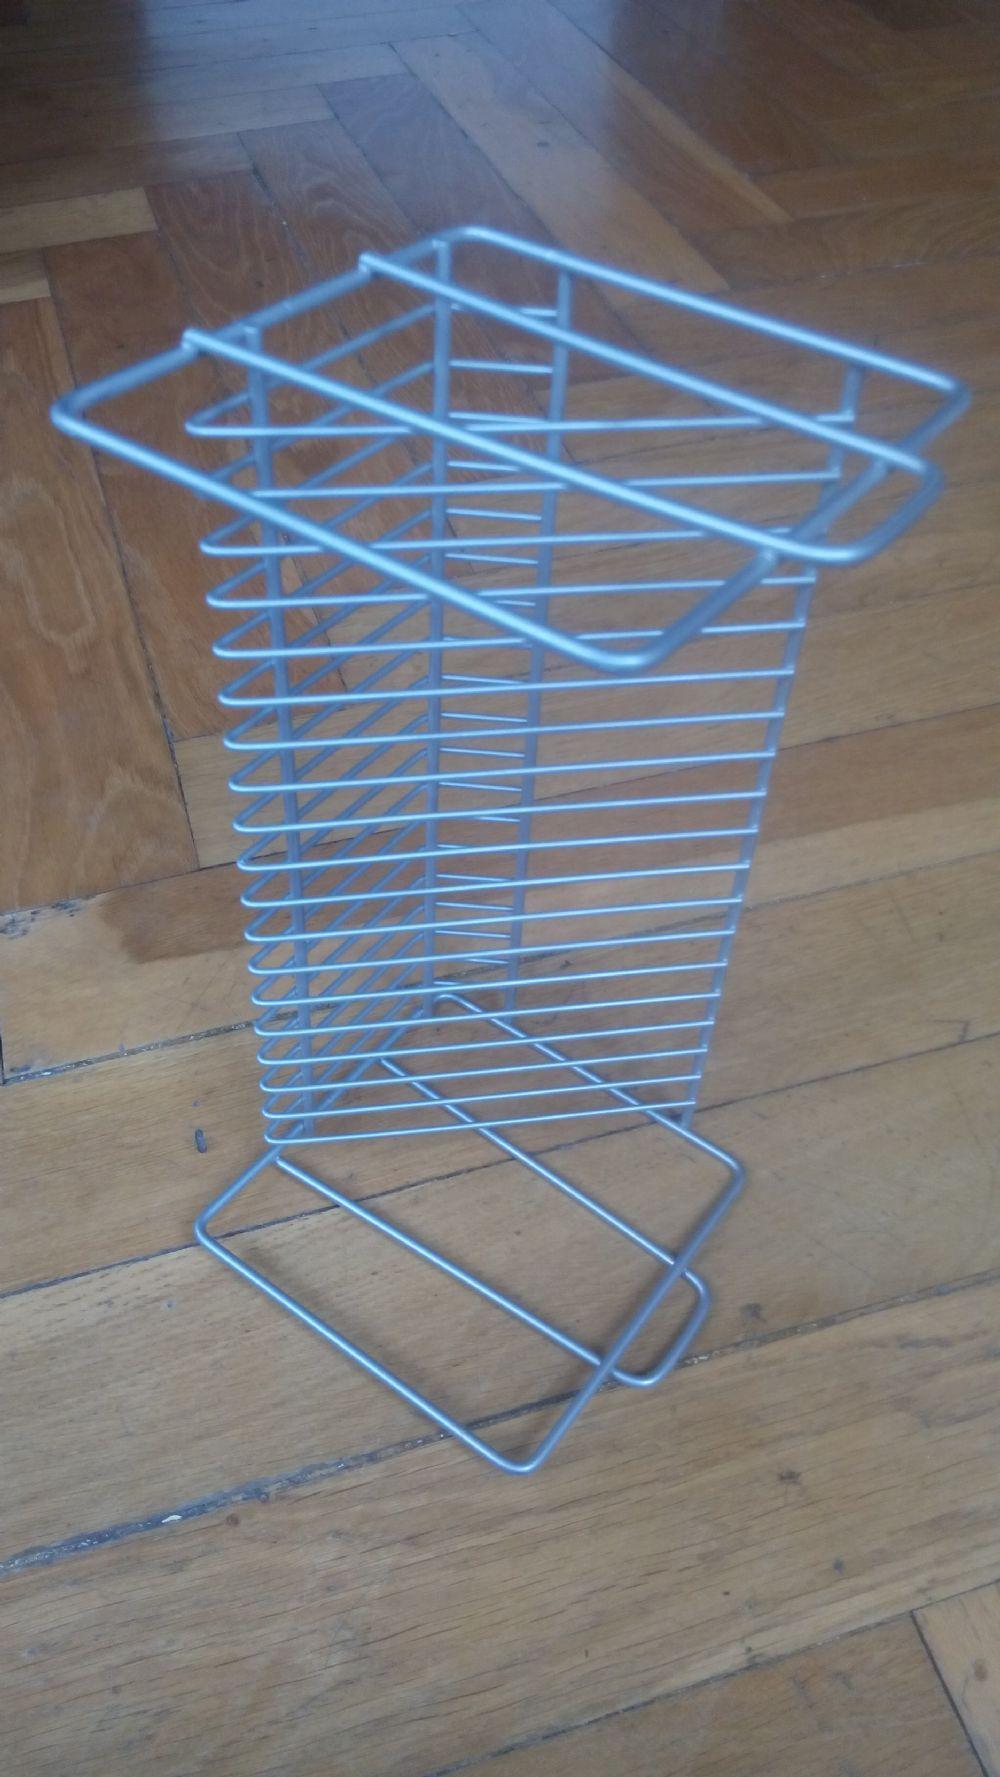 Mensole Porta Cd Ikea.Baratto Scambio Porta Cd Ikea Color Argent Arredamento